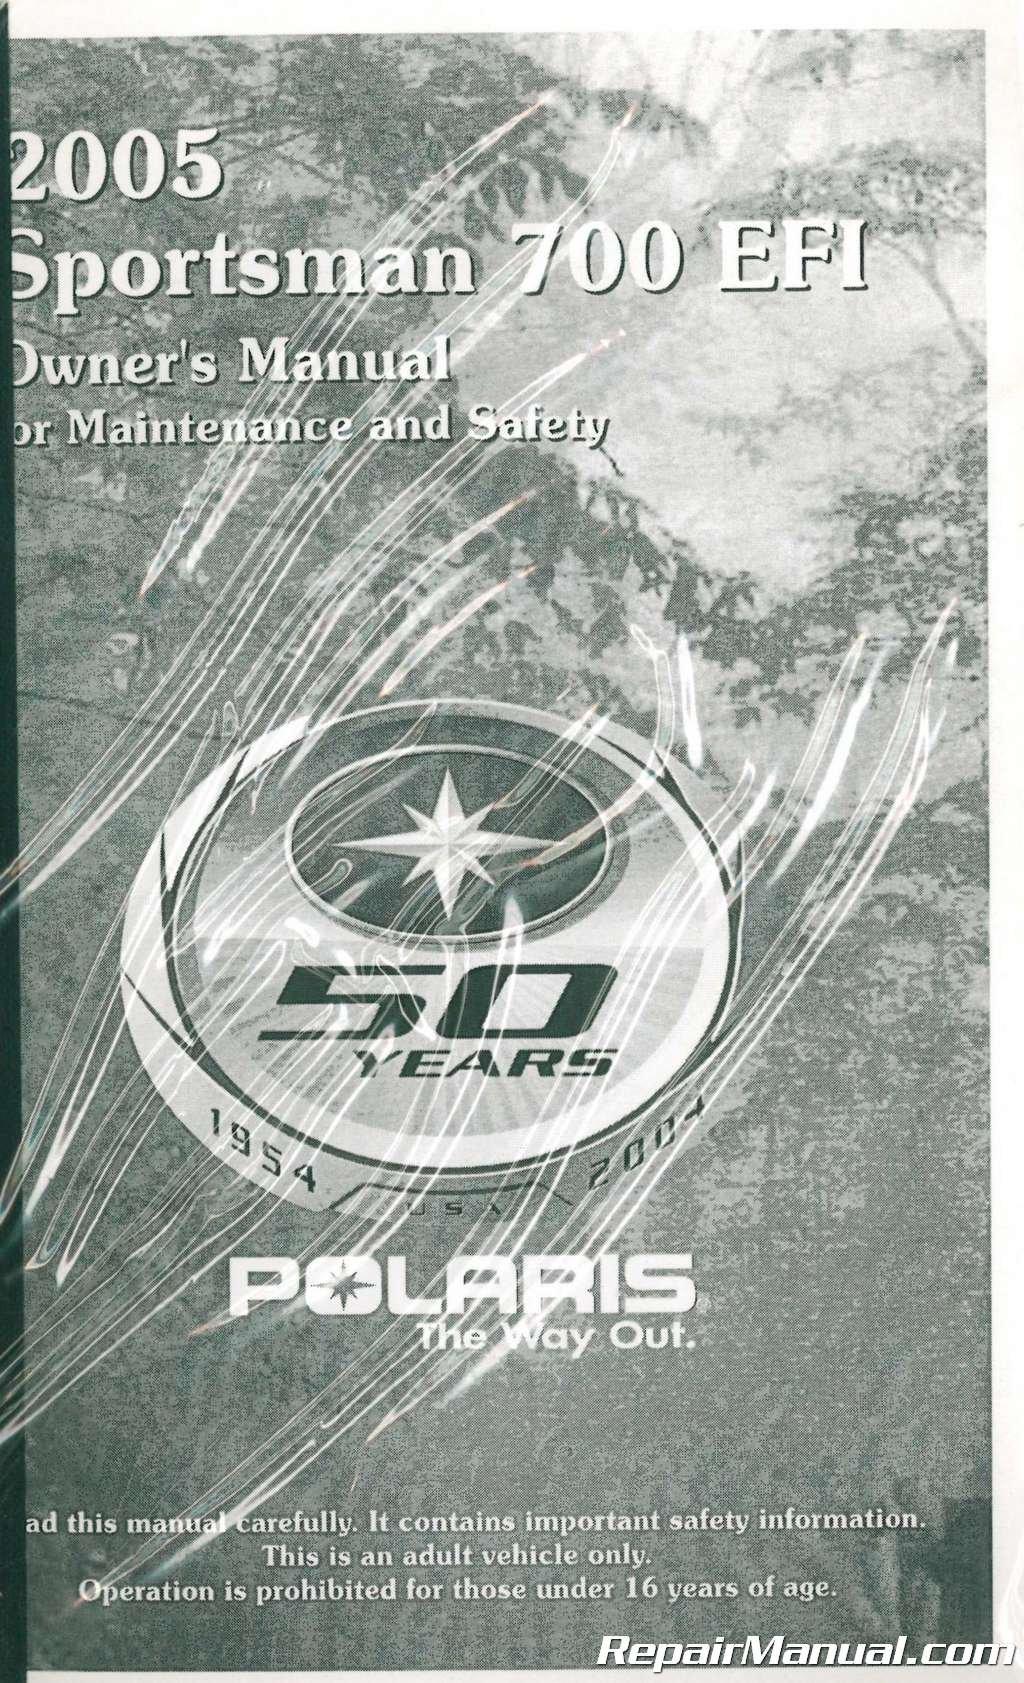 cd-rom arctic cat 366 400 500 650 700 thundercat atv service repair  maintenance manual 2008 techspark studio